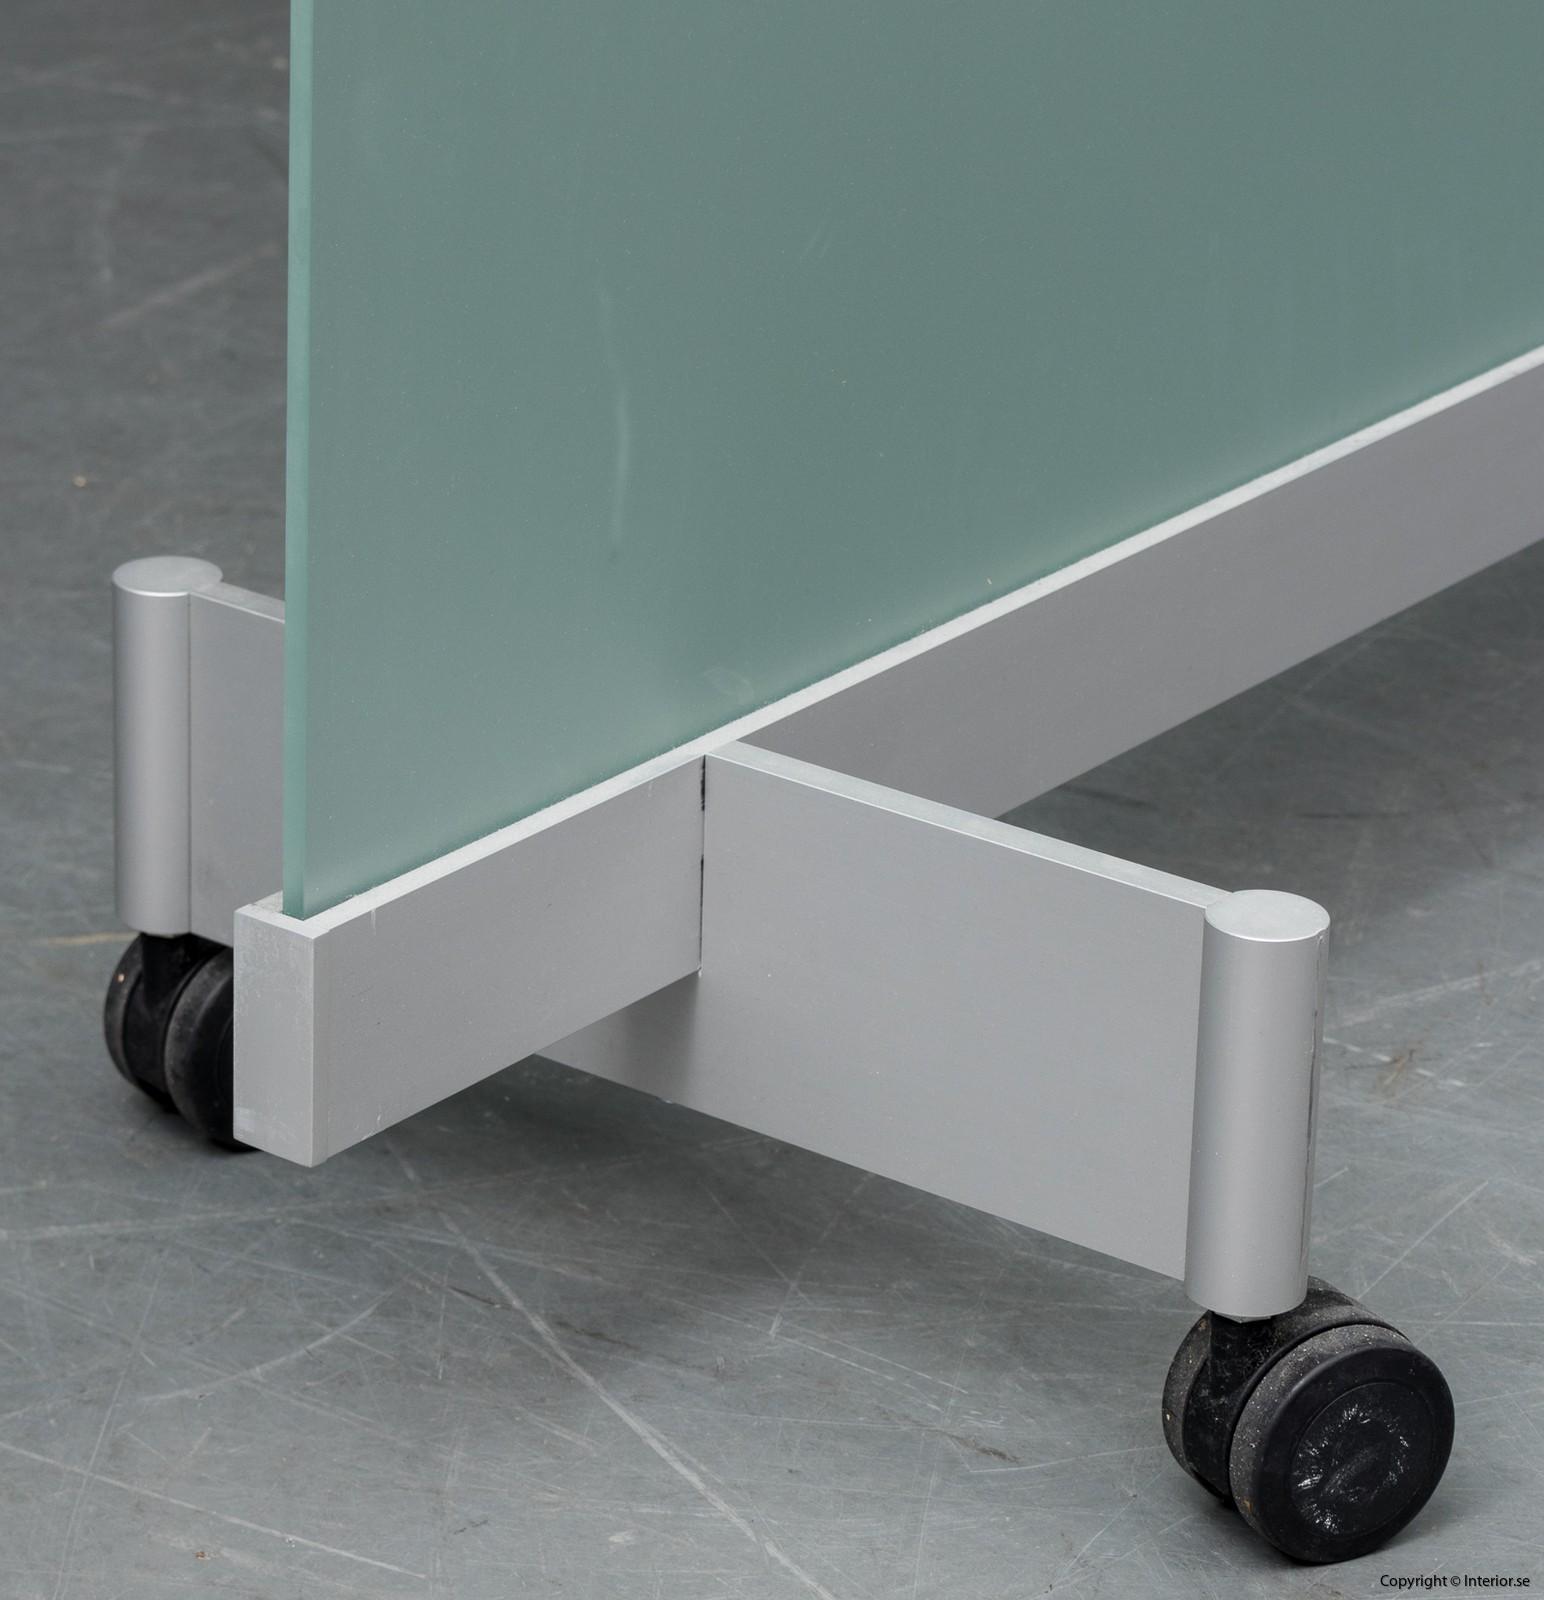 BORKS, flyttbara golvskärmväggar rumsavdelare glas och med hjul BORKS, Room Divider Space Divider with glass and casters 5